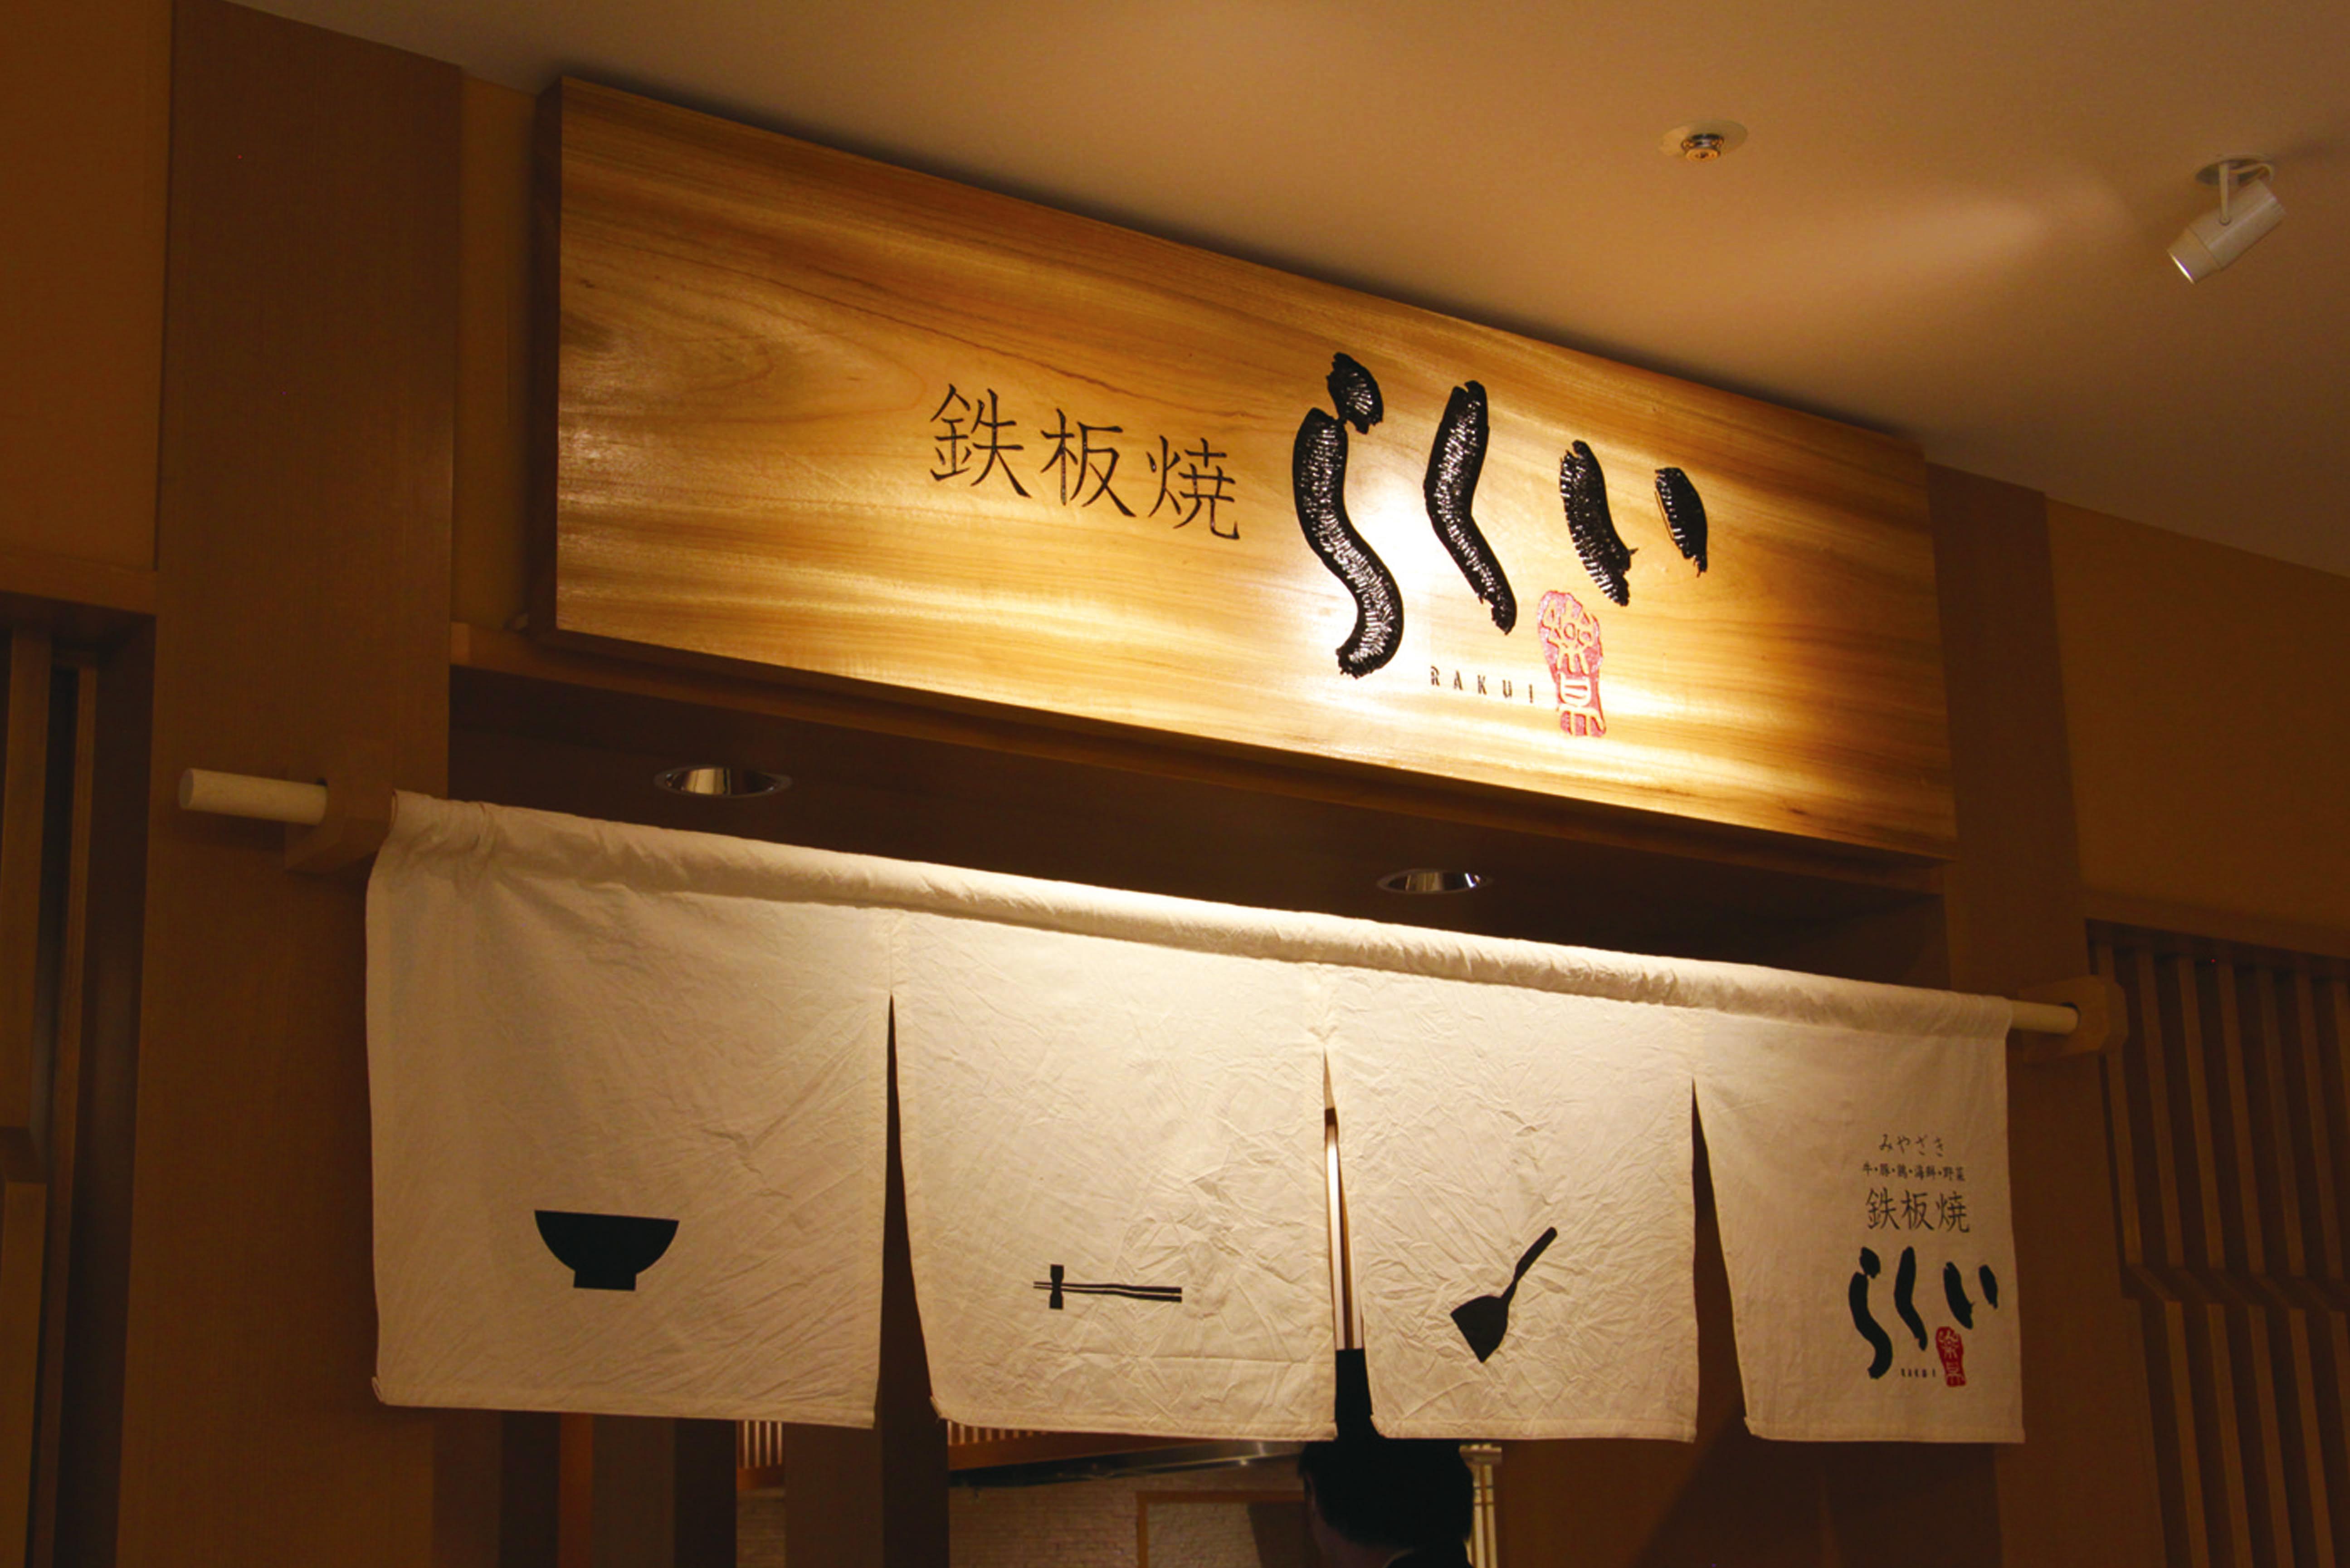 鉄板焼らくい宮崎駅店外観イメージ